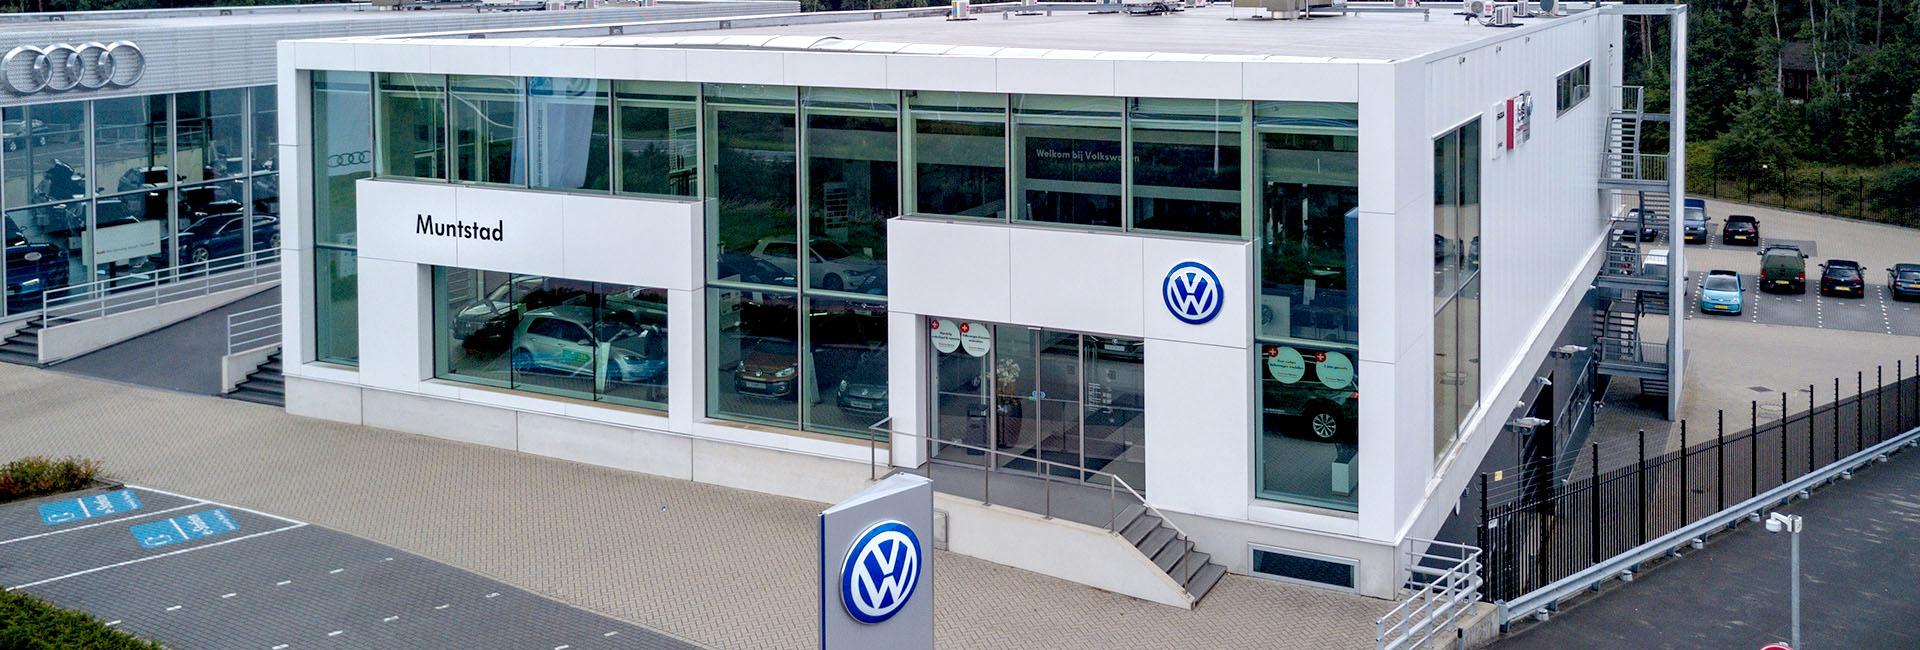 Dealer Muntstad Zeist Volkswagen Nl